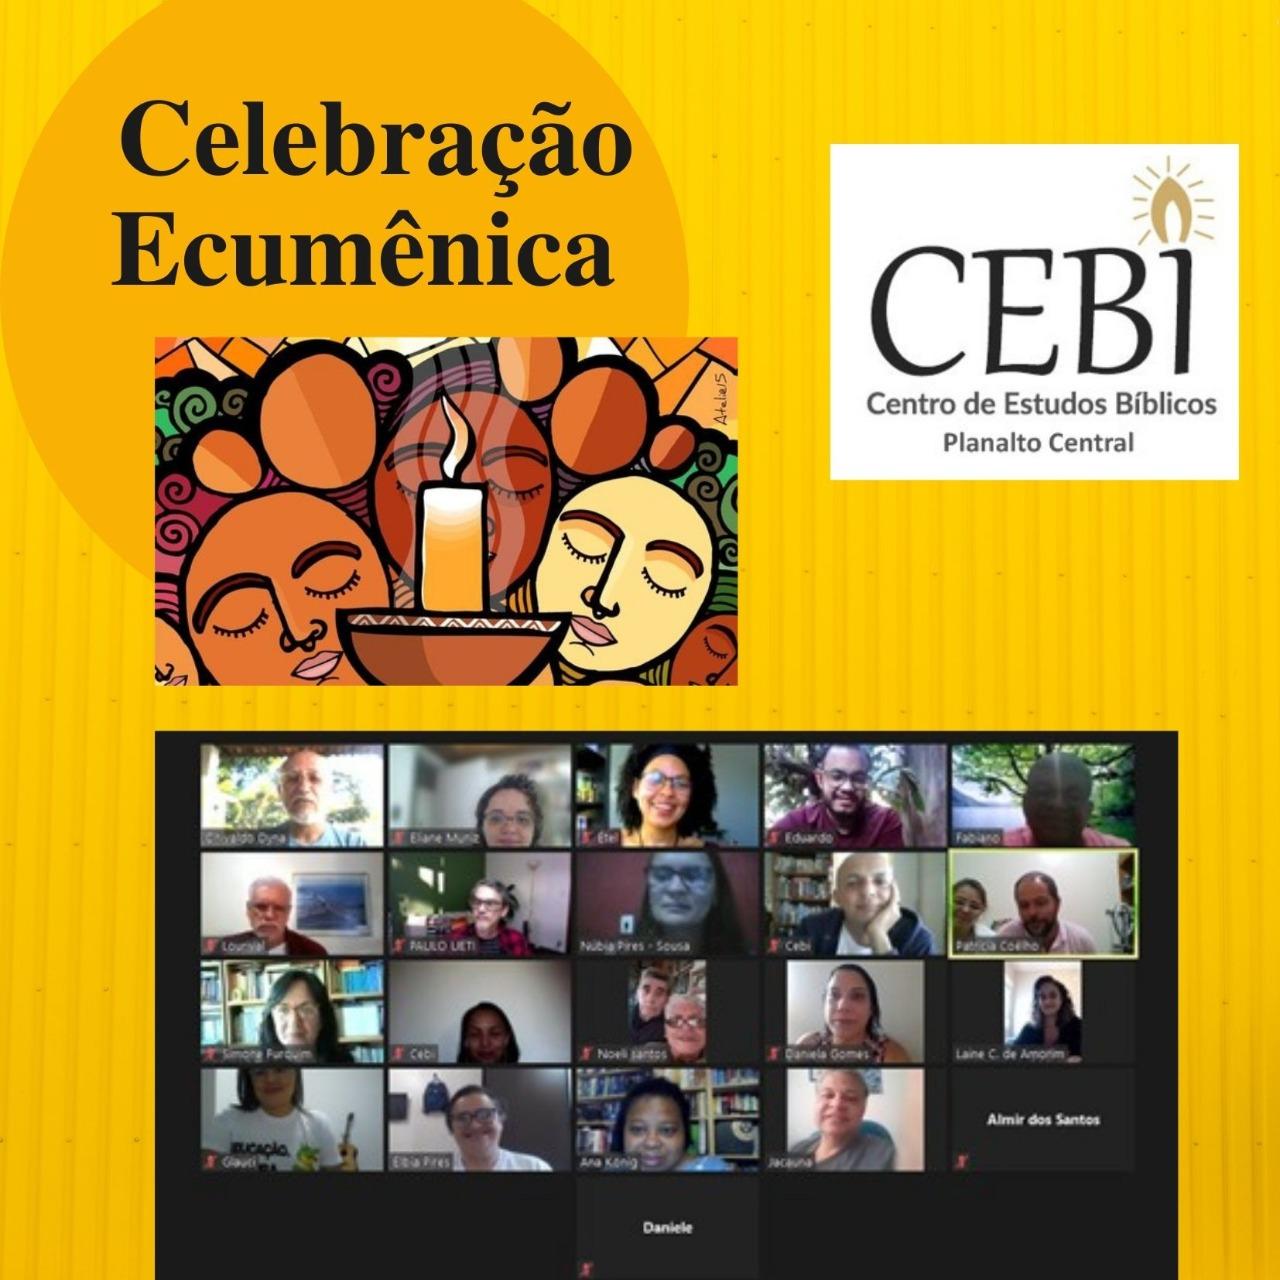 CEBI Planalto Central promove celebração ecumênica